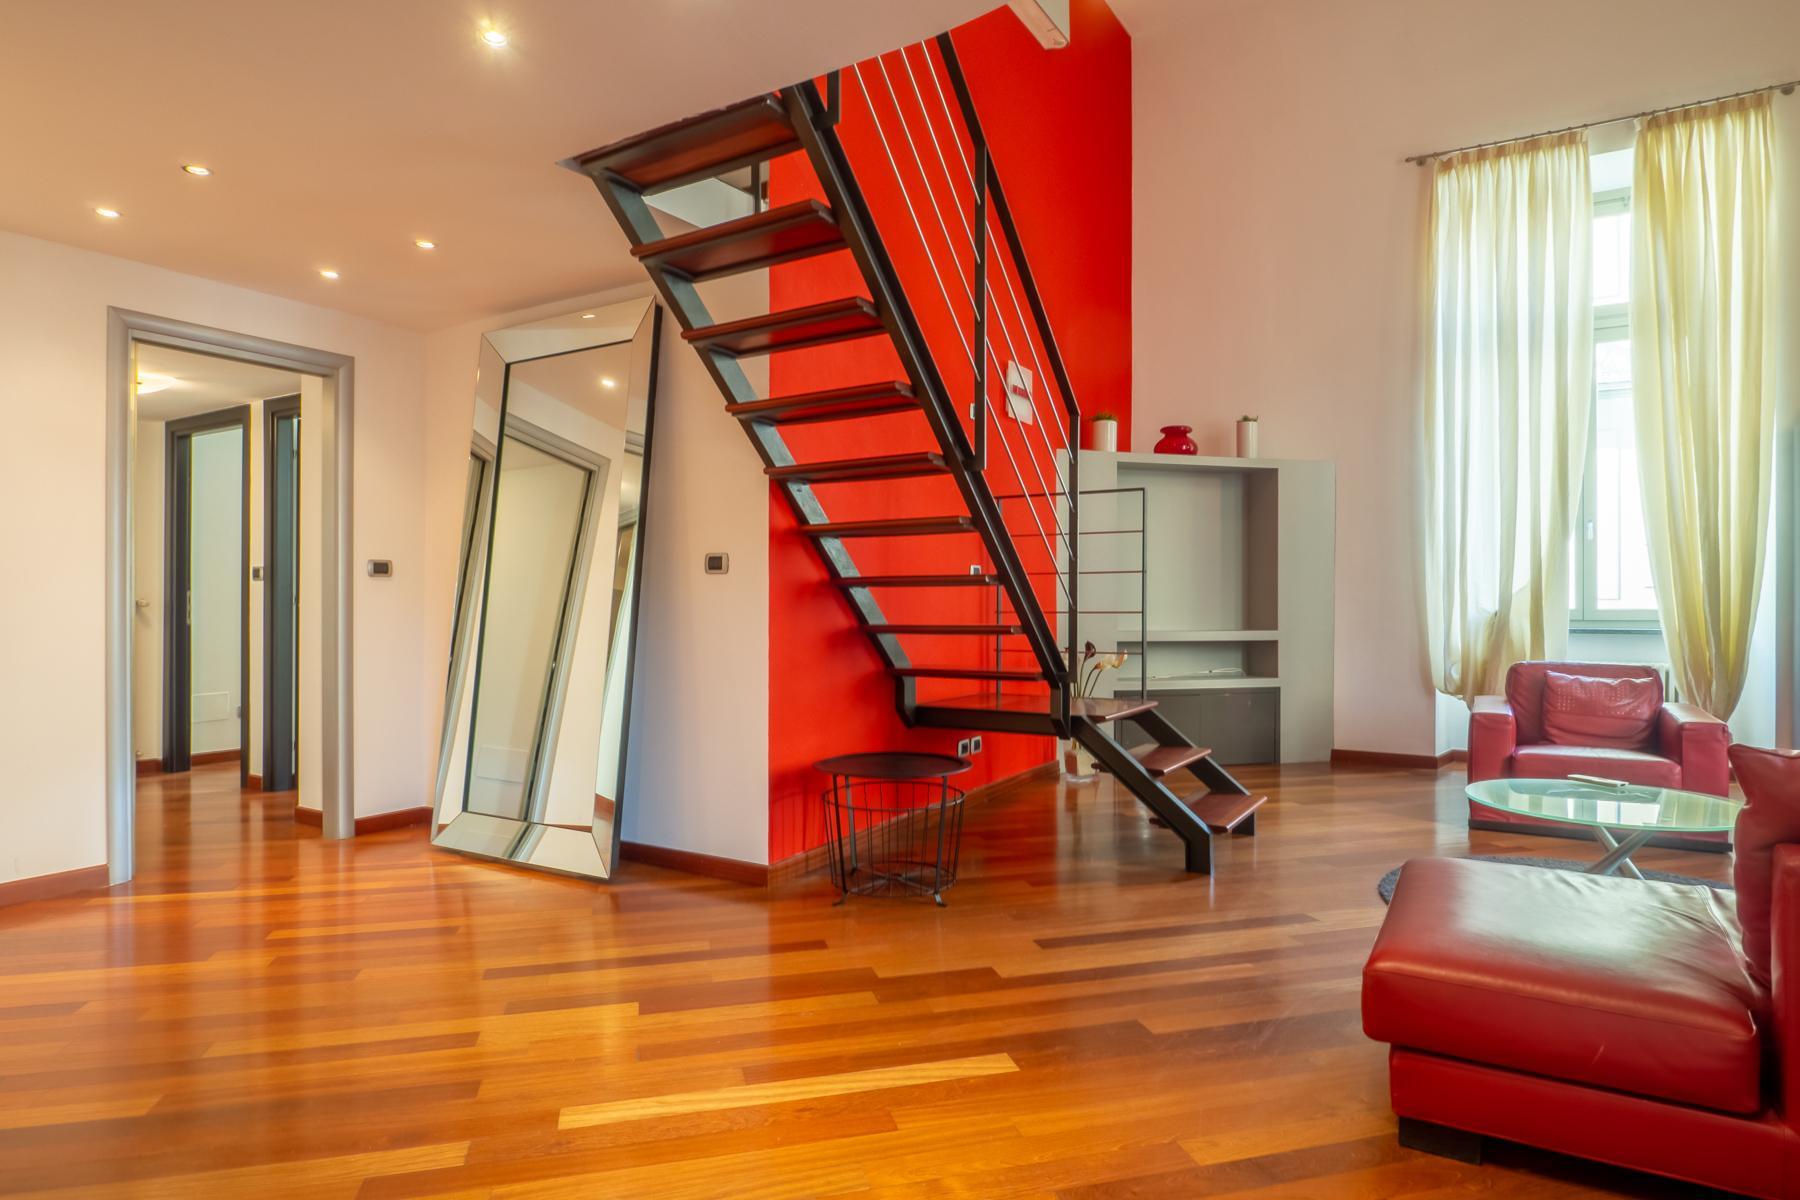 Appartement moderne dans le centre de Turin - 8